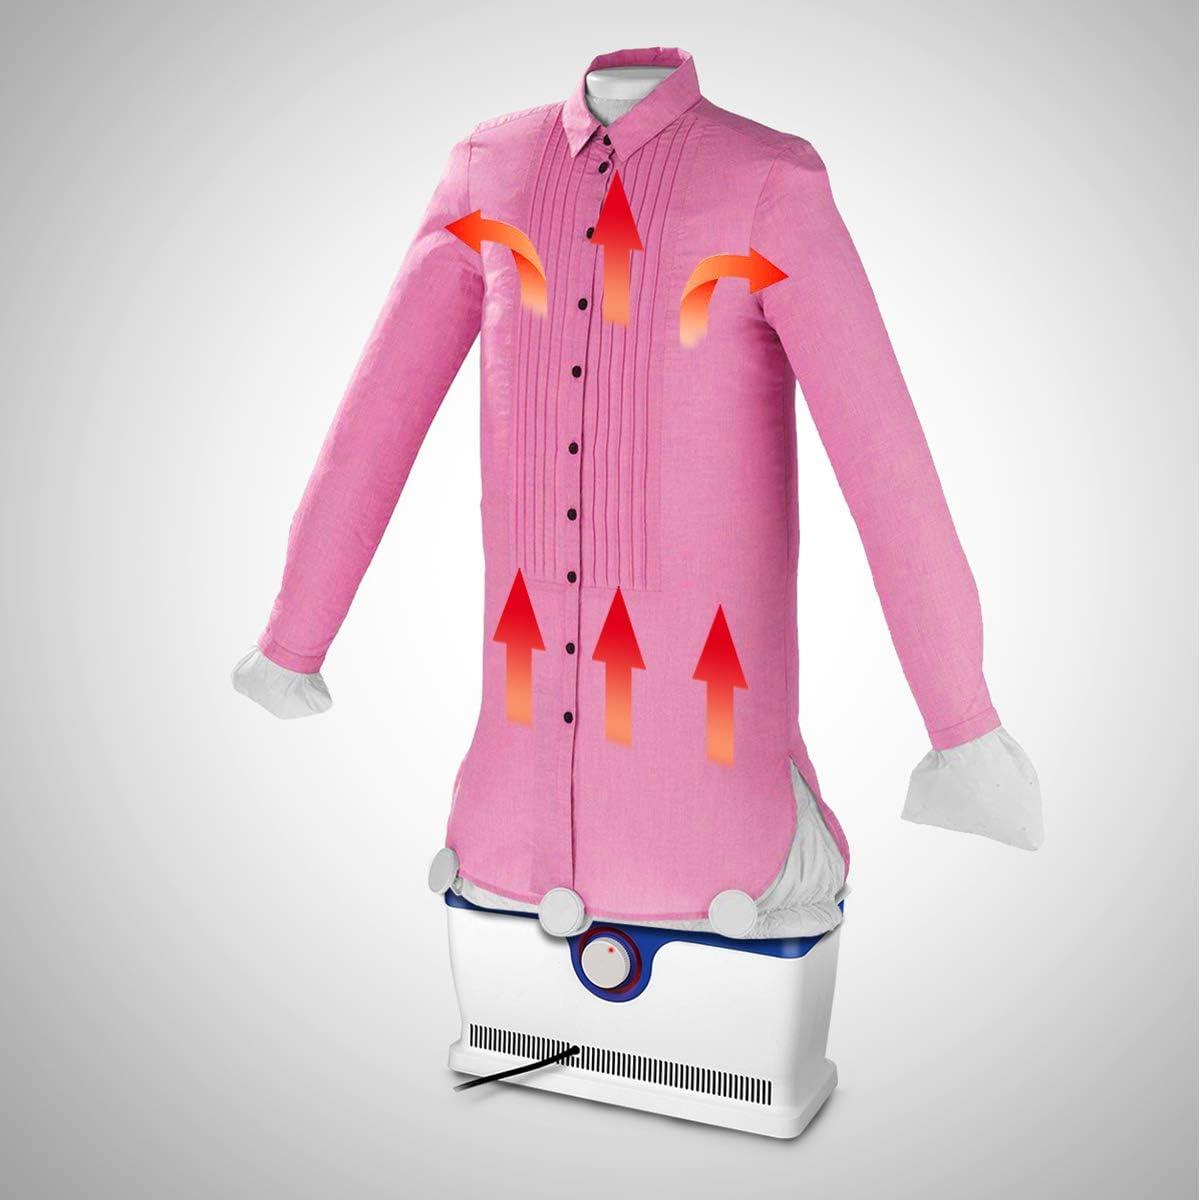 Banda de muñeca para camisas y blusas secar & planchar en una con temporizador 1800 W automática Plancha Bügelpuppe: Amazon.es: Hogar